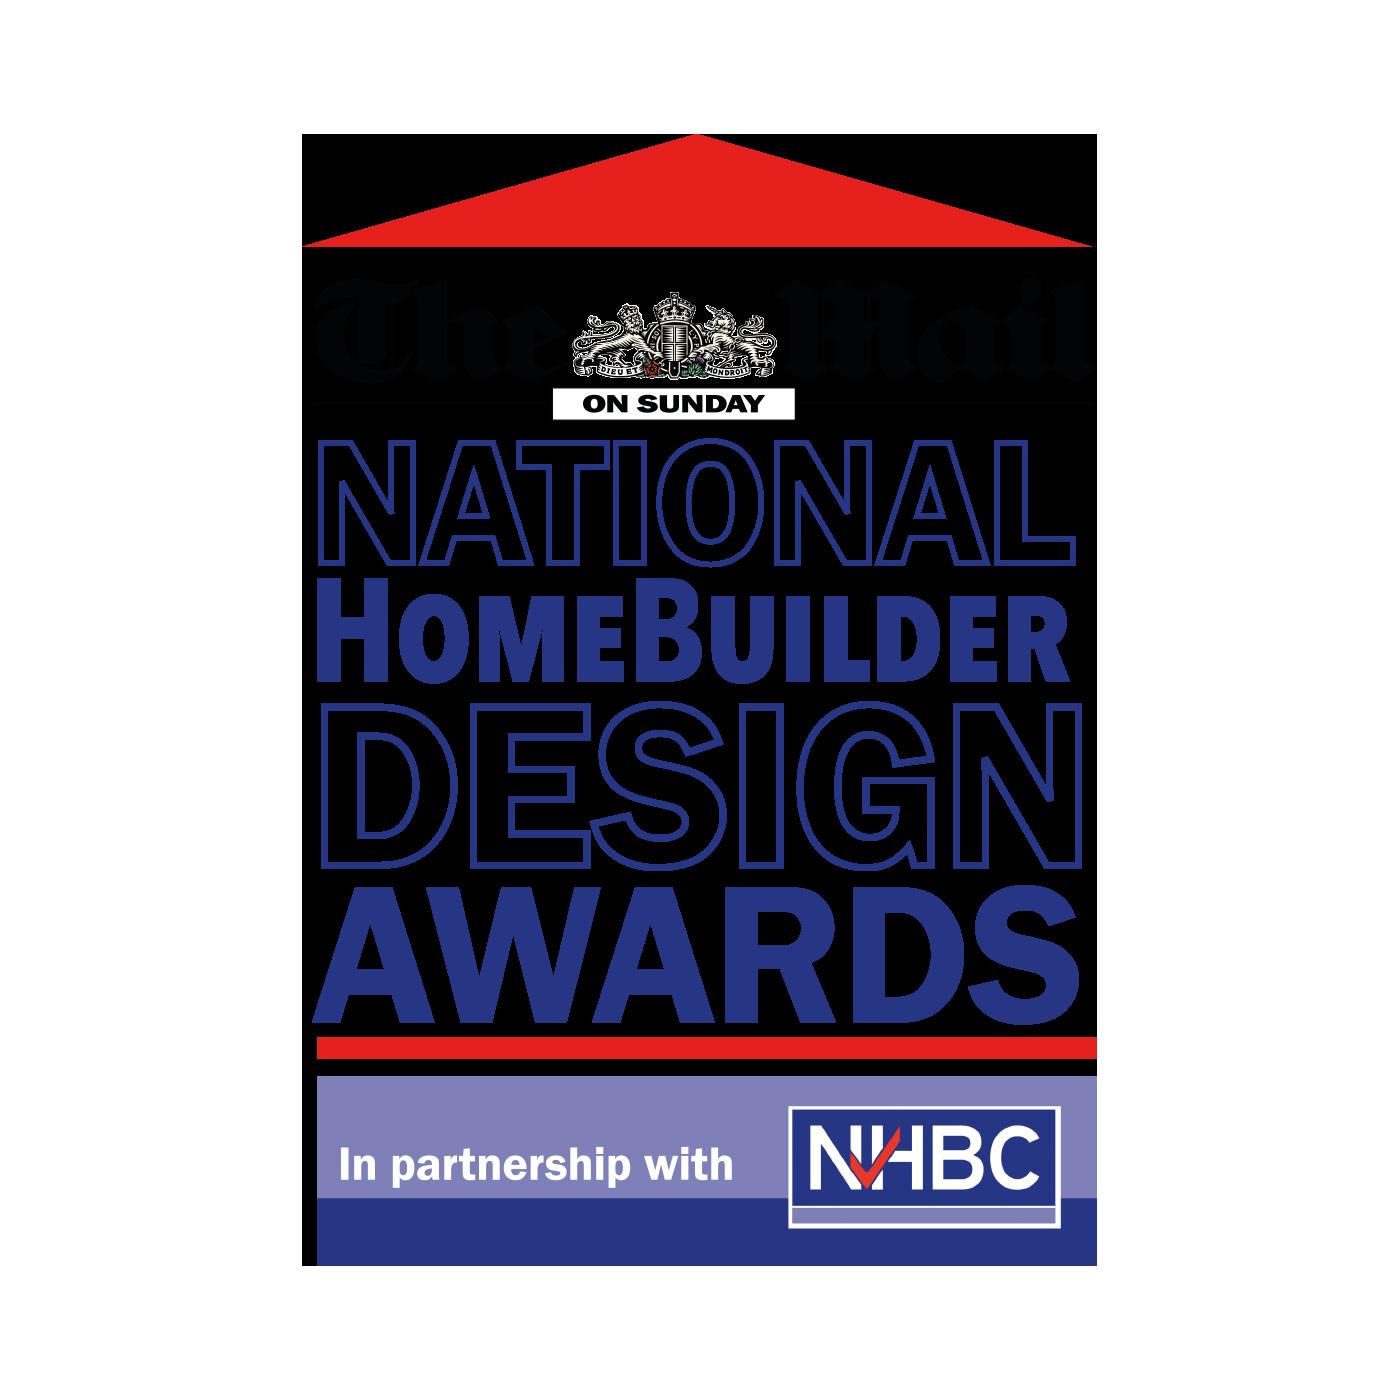 National HomeBuilder Design Awards logo